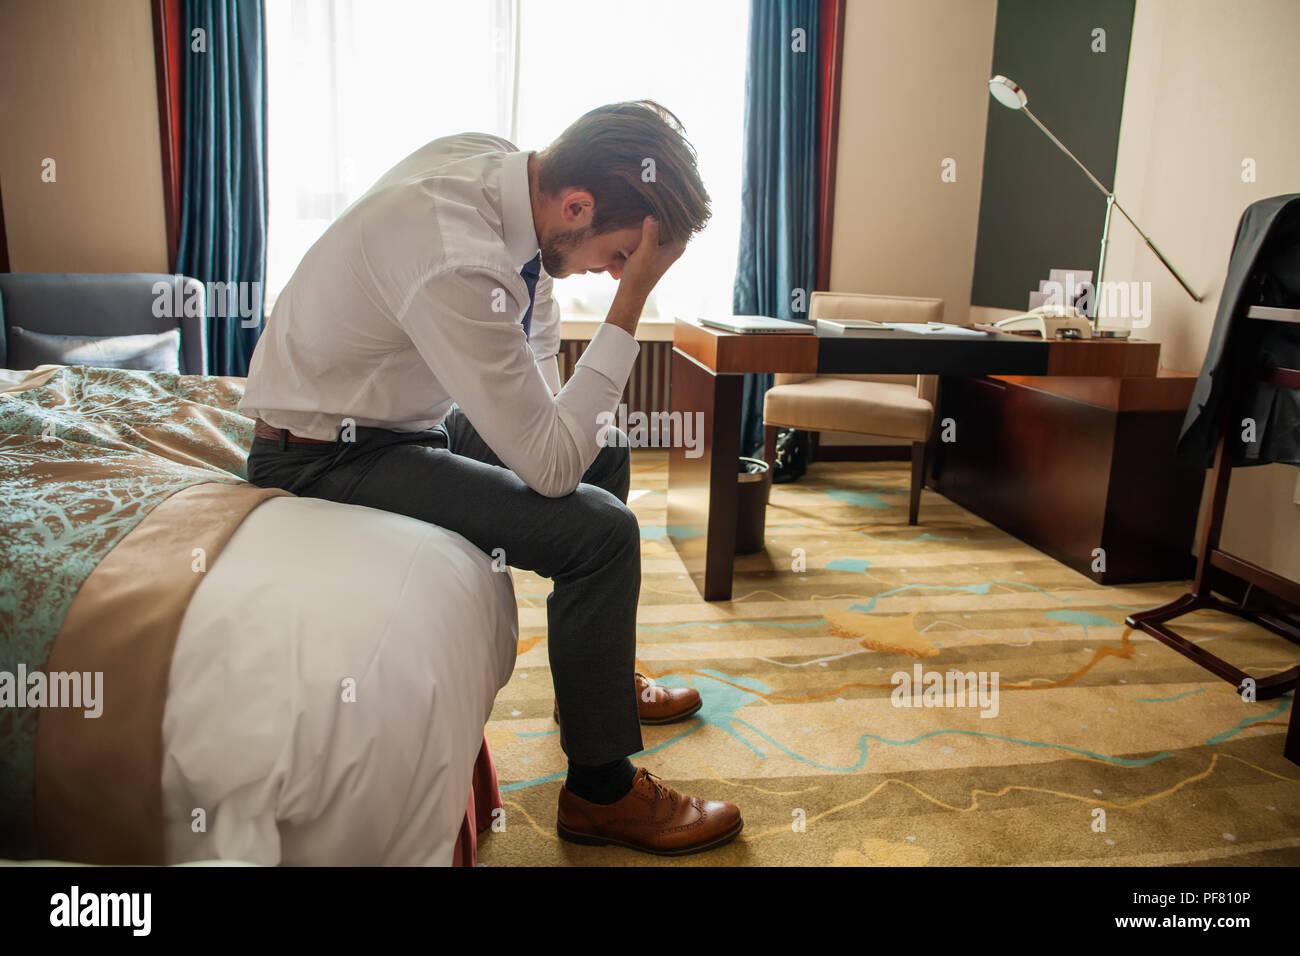 Jeune homme frustré en costume formel assis sur le lit en plus d'assurance sac. Businessman voir les problèmes dans l'entreprise ou à la maison, ne se sent pas bien, la perte d'un emploi, les relations ou le stress lié au travail Photo Stock